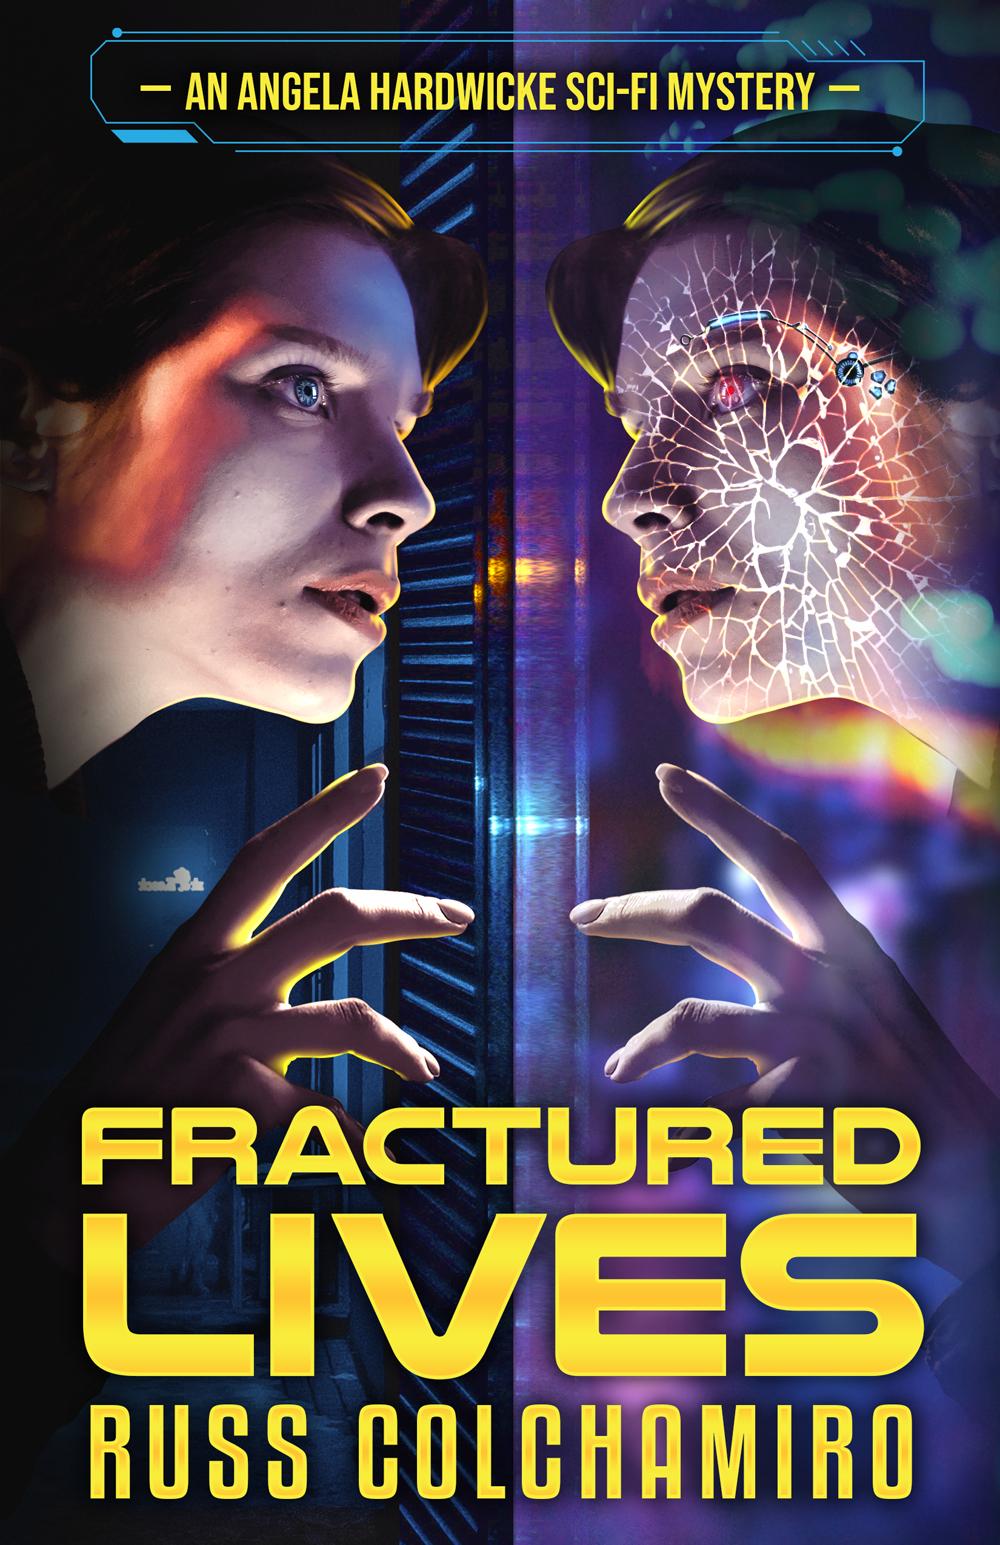 FracturedLives epub FINAL 05.28.2021 cover